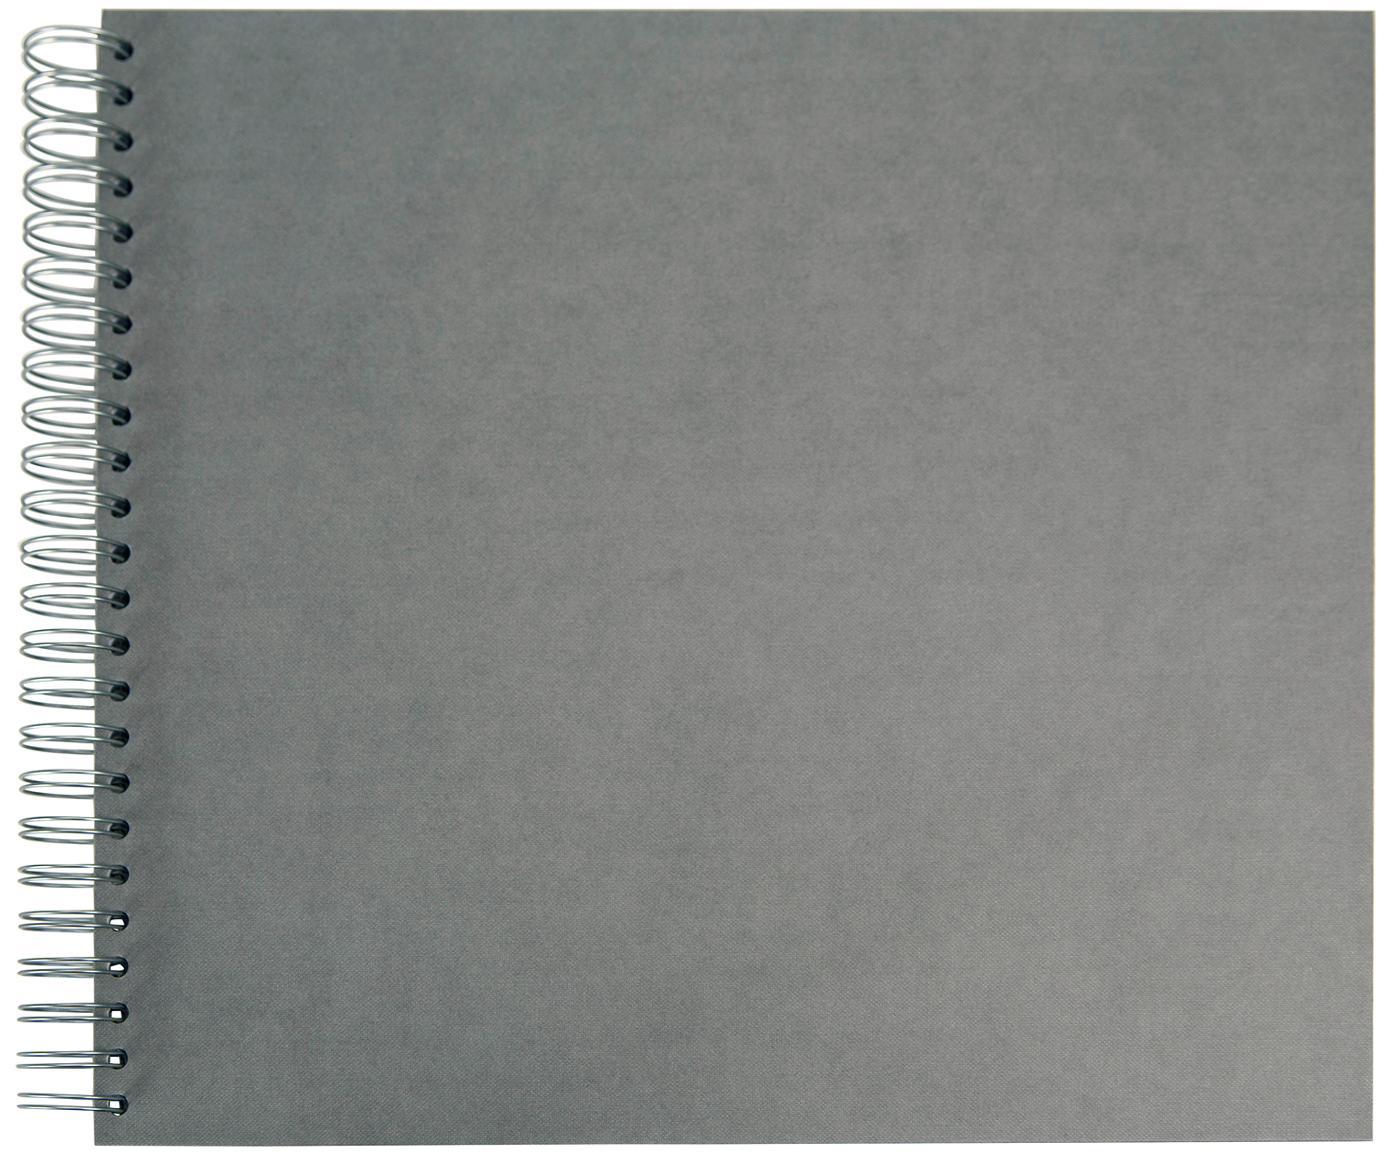 Albúm de fotos Picture, Gris, An 35 x Al 32 cm